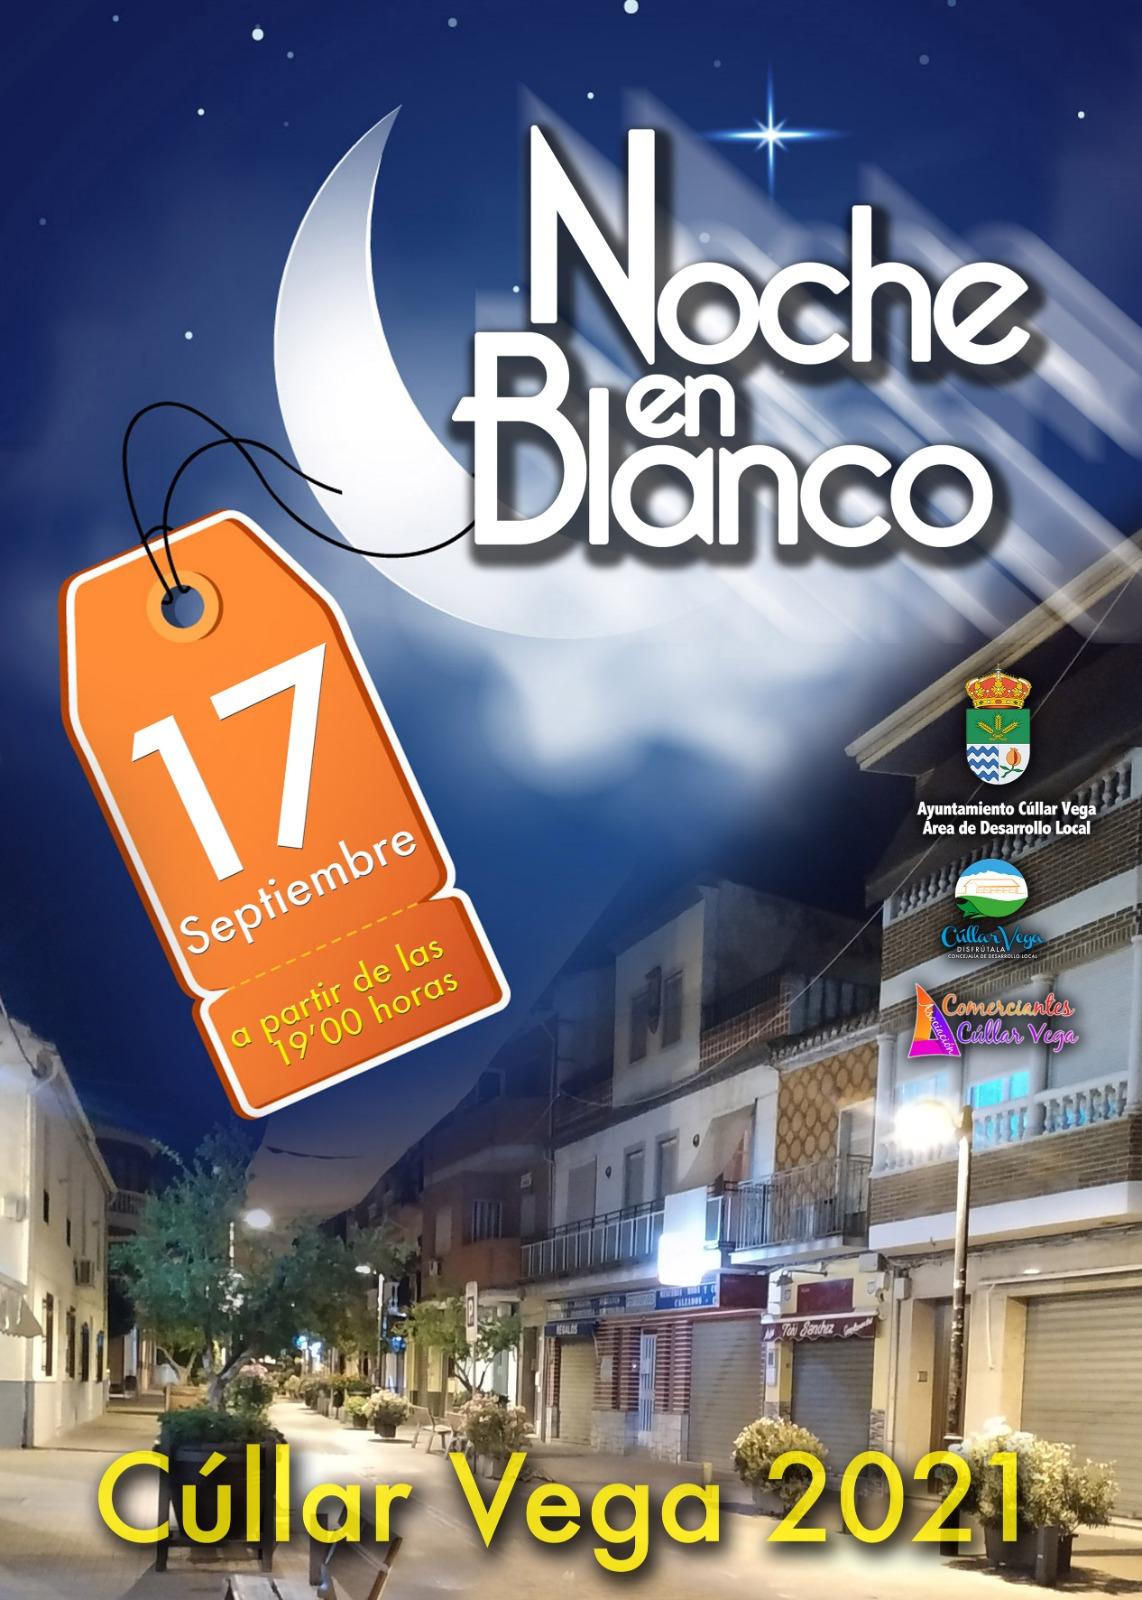 Cúllar Vega retoma su Noche en Blanco para promocionar el comercio local